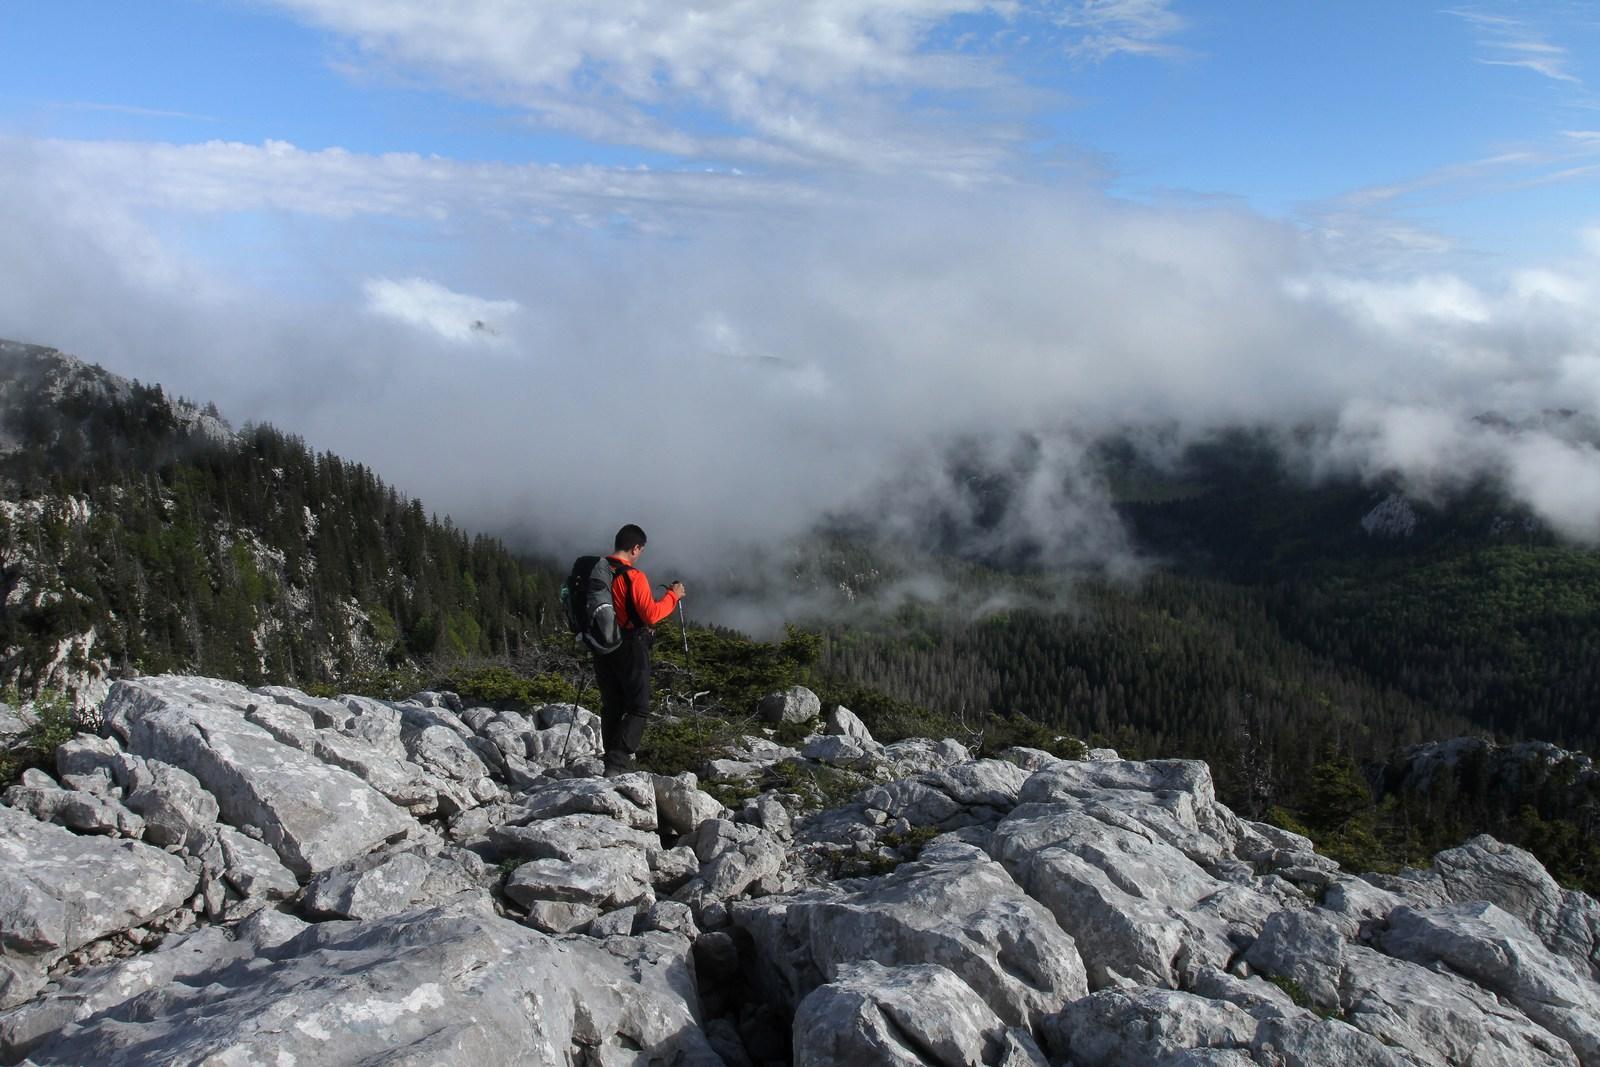 Ne pozabite na nevarnosti, če se boste odpravili na Velebit. Pripravite se temeljito in ne podcenjujte nizkih nadmorskih višin, saj gorski greben skriva marsikatero »dokaj nedolžno nevarnost«, ki lahko ogrozi vaše življenje. Foto: HTZ in Zvonimir T